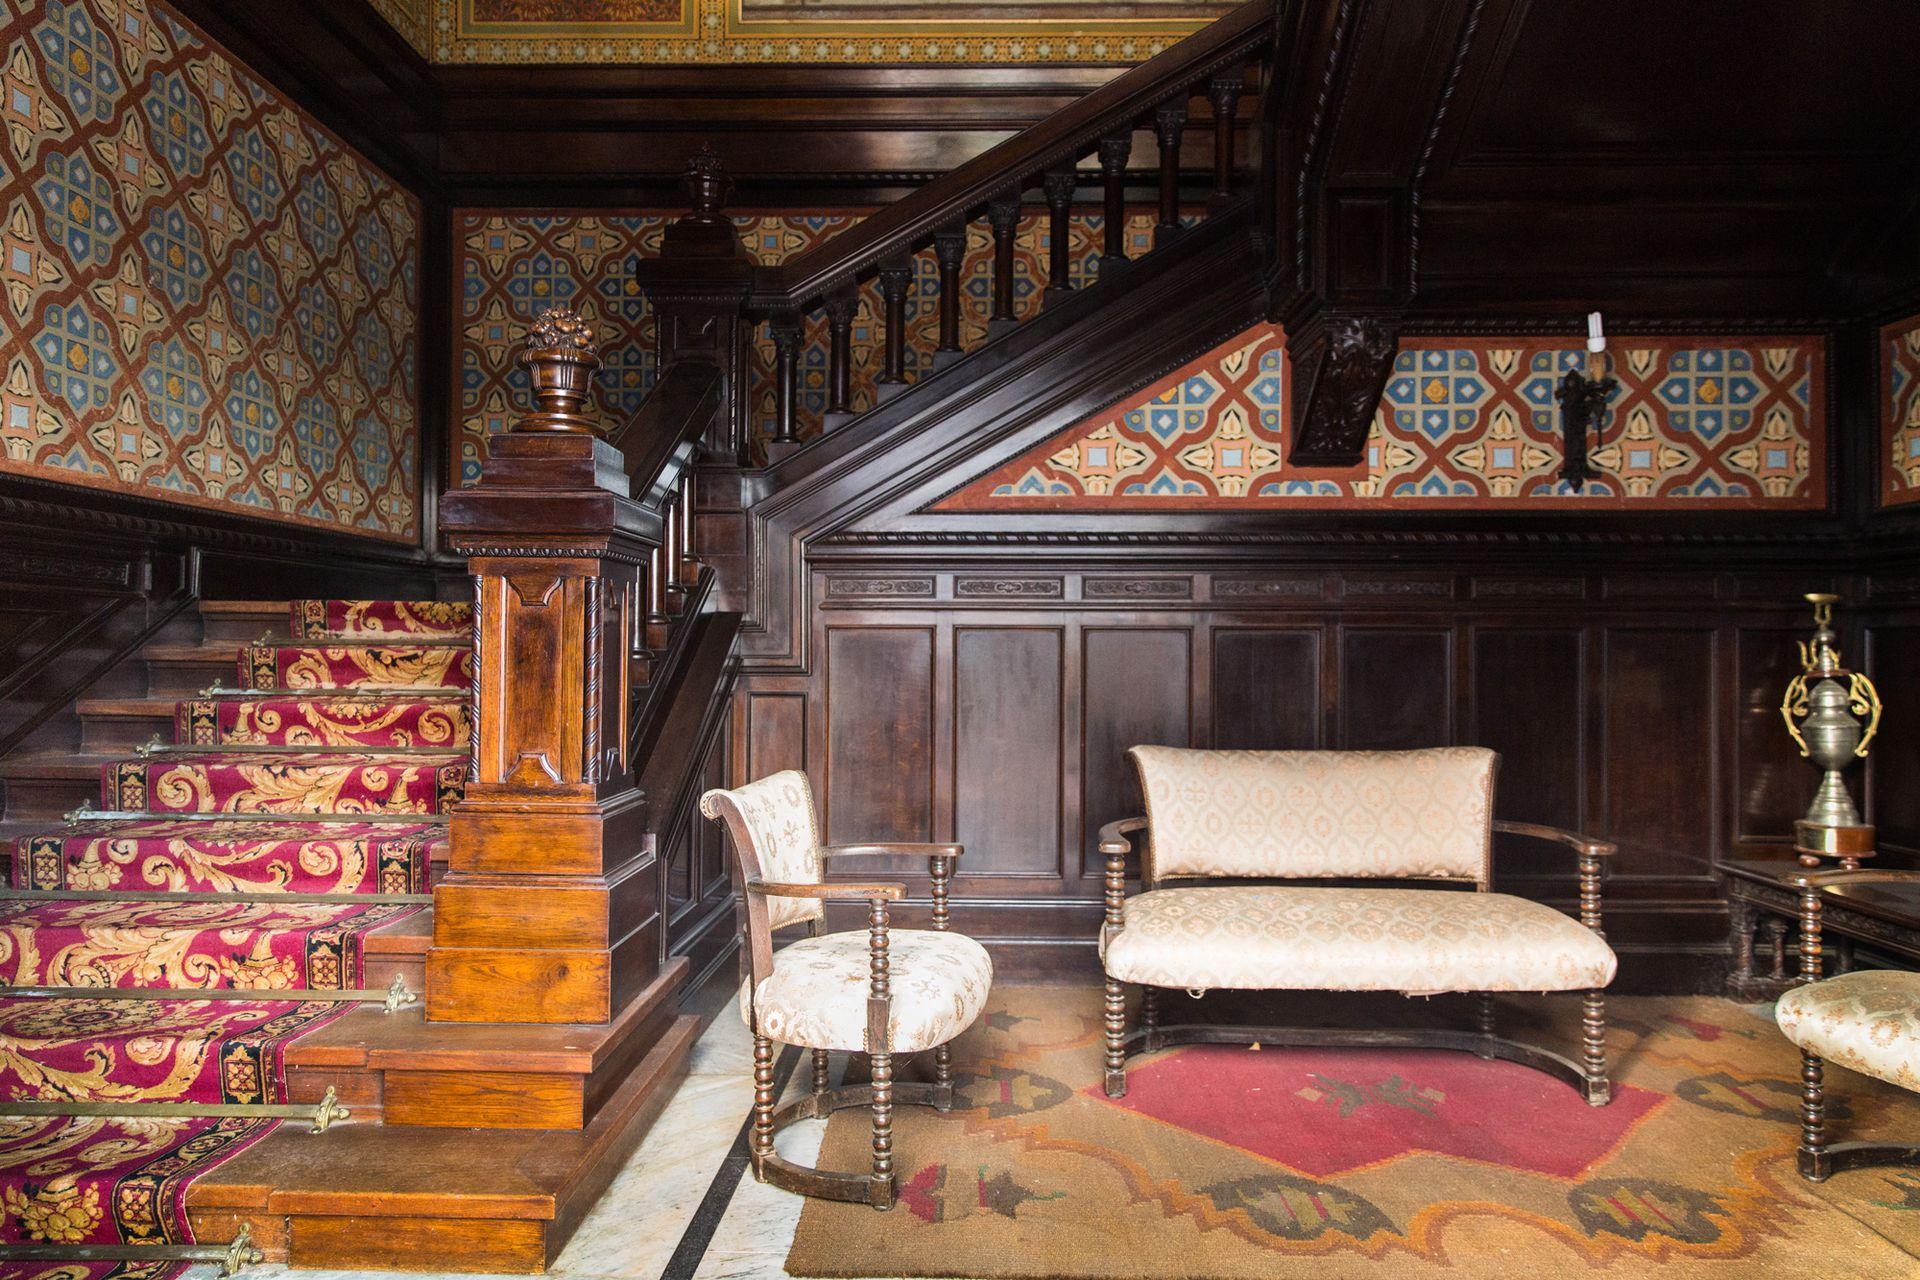 La escalera fue parte fundamental de la resolución del proyecto de Moretti, al igual que la fachada.